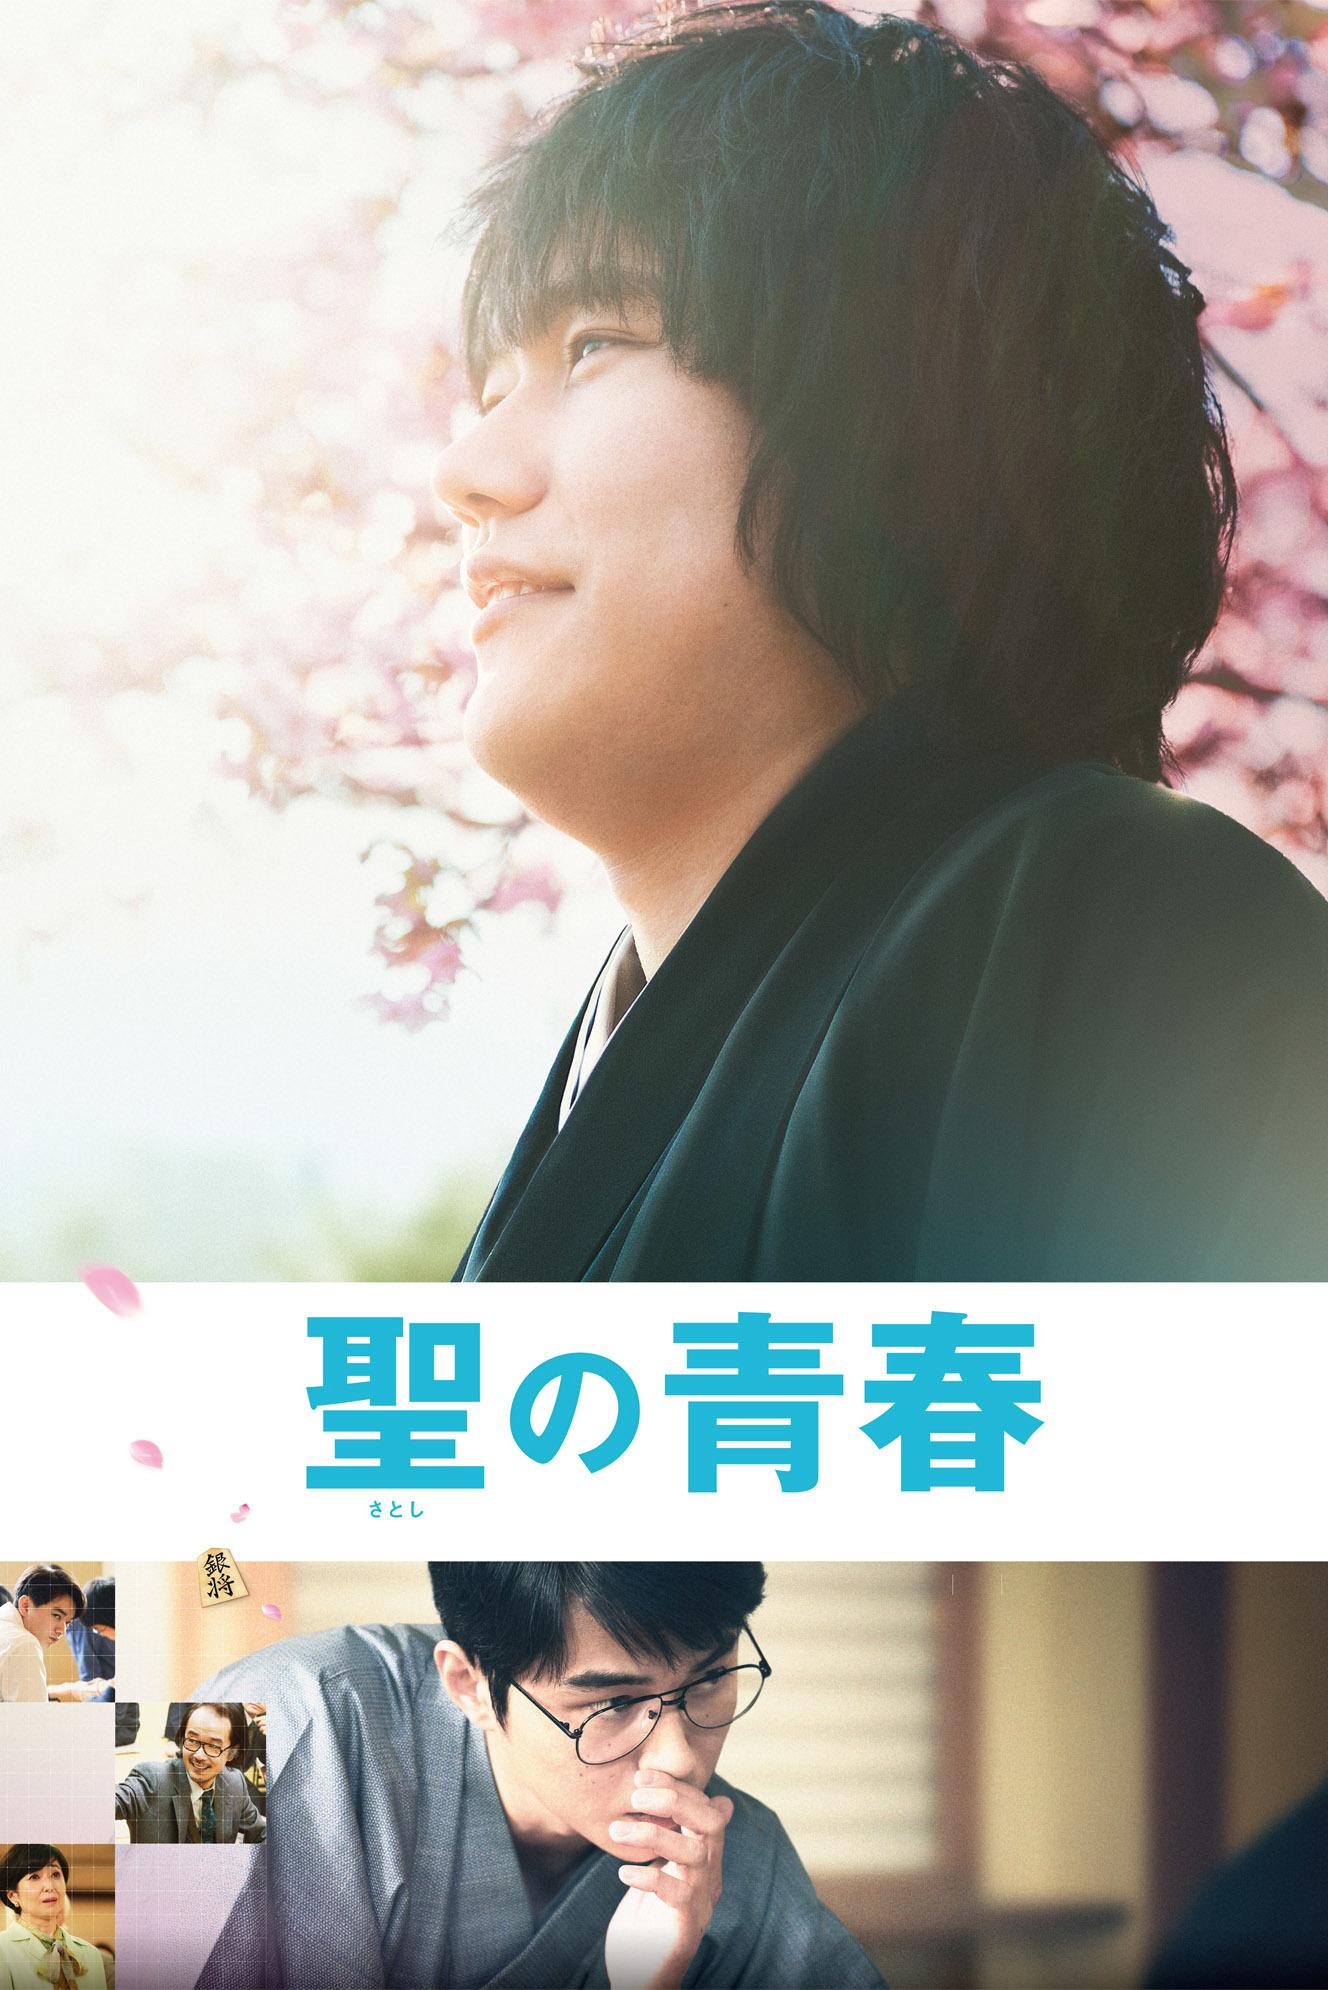 映画「聖の青春」